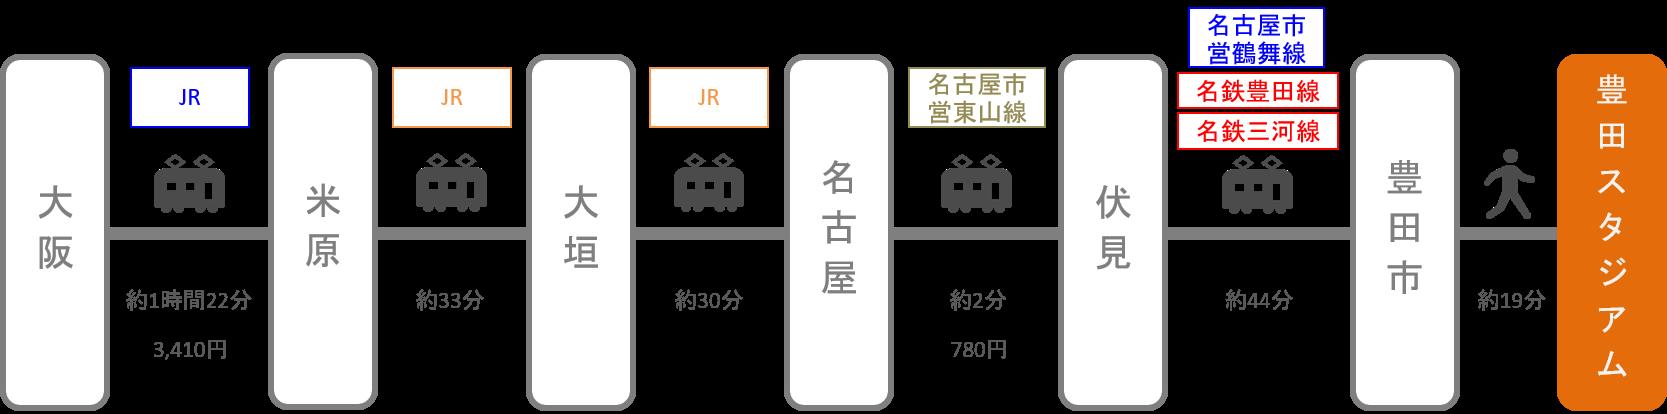 豊田スタジアム_大阪_電車